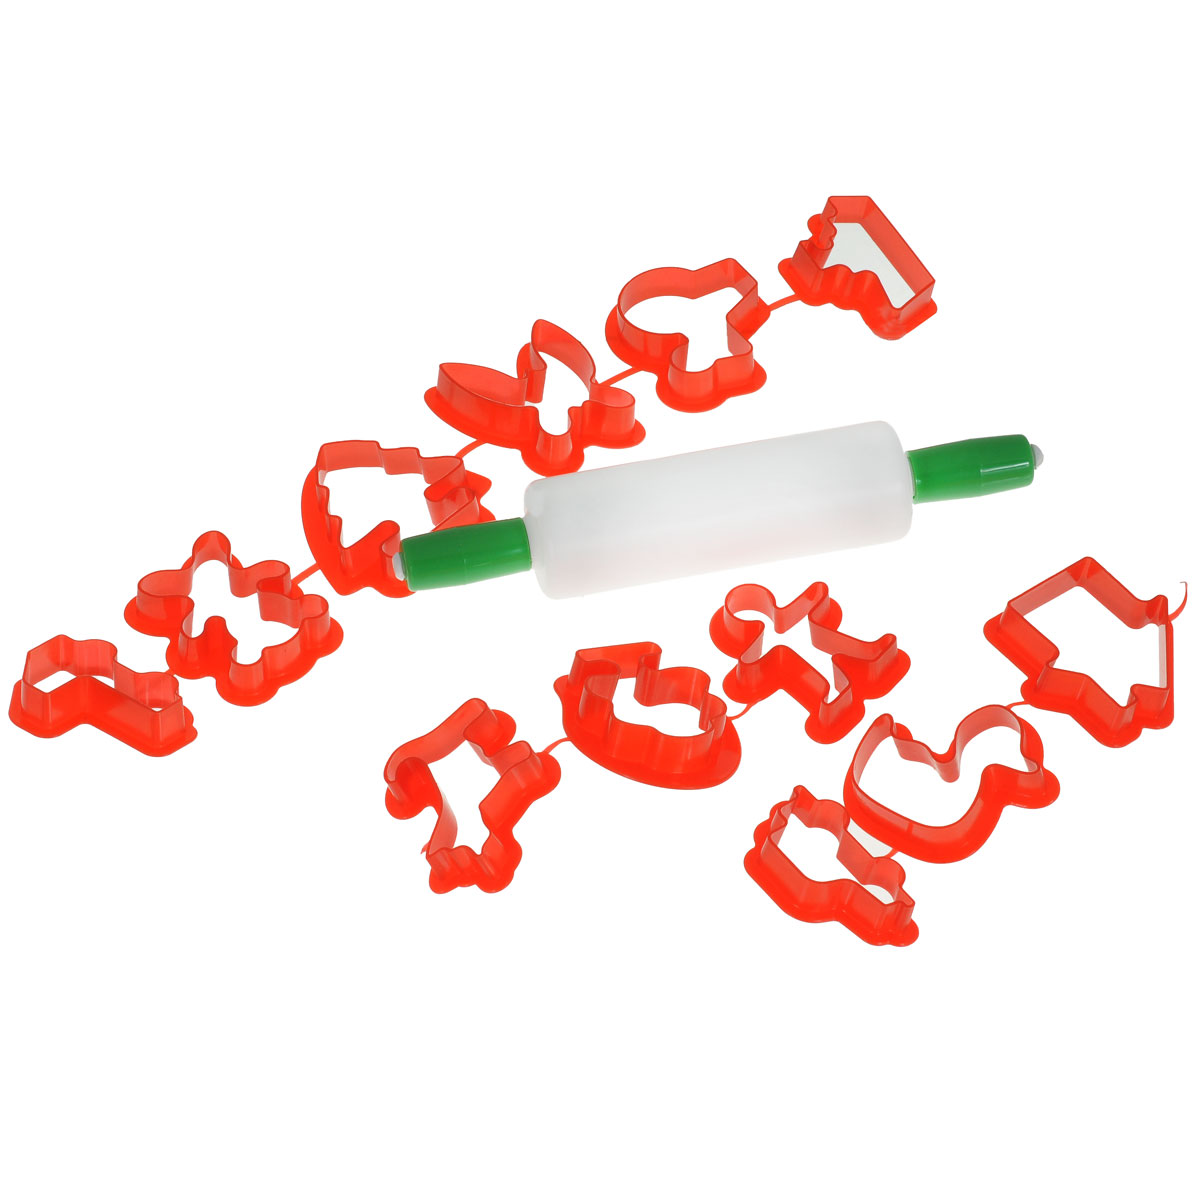 Набор для моделирования Jovi, 13 предметов7/6RxНабор для моделирования и лепки Jovi непременно понравится вашему маленькому скульптору, ведь он позволит малышу самостоятельно слепить фигурку. Это самый простой способ познакомить вашего ребенка с новым для него материалом. Просто приложите формочку к пластилину, и в руках малыша готовая фигурка. Пластилин можно раскатывать скалкой. В набор входит 12 форм и скалка в блистере. Данный набор прекрасно развивает моторику рук и пространственное мышление, а также воображение и художественный вкус. Фигурка, сделанная своими руками, будет предметом гордости малыша и обязательно станет его любимой игрушкой. Не рекомендуется детям до 3-х лет.